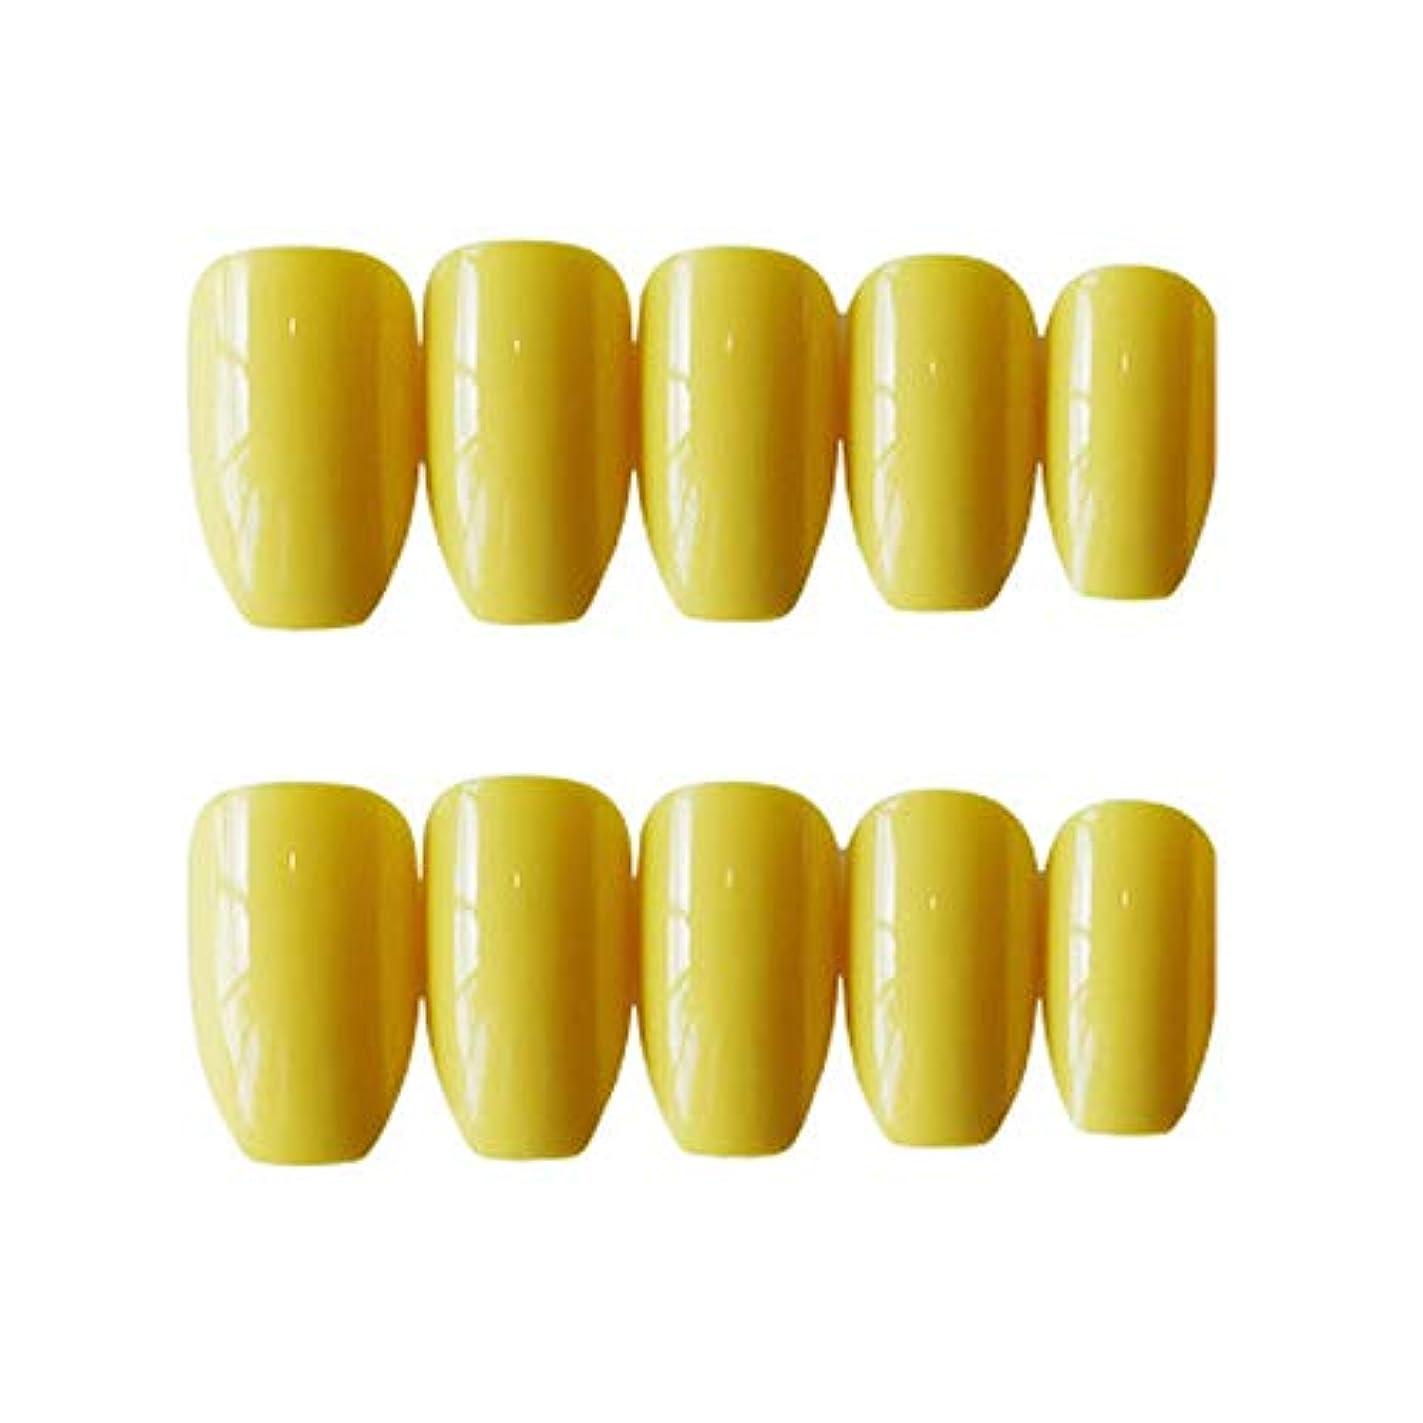 二十アレルギー性コンパクトXUTXZKA 24本の長い偽の爪ピンクブルー型の偽の爪指の爪